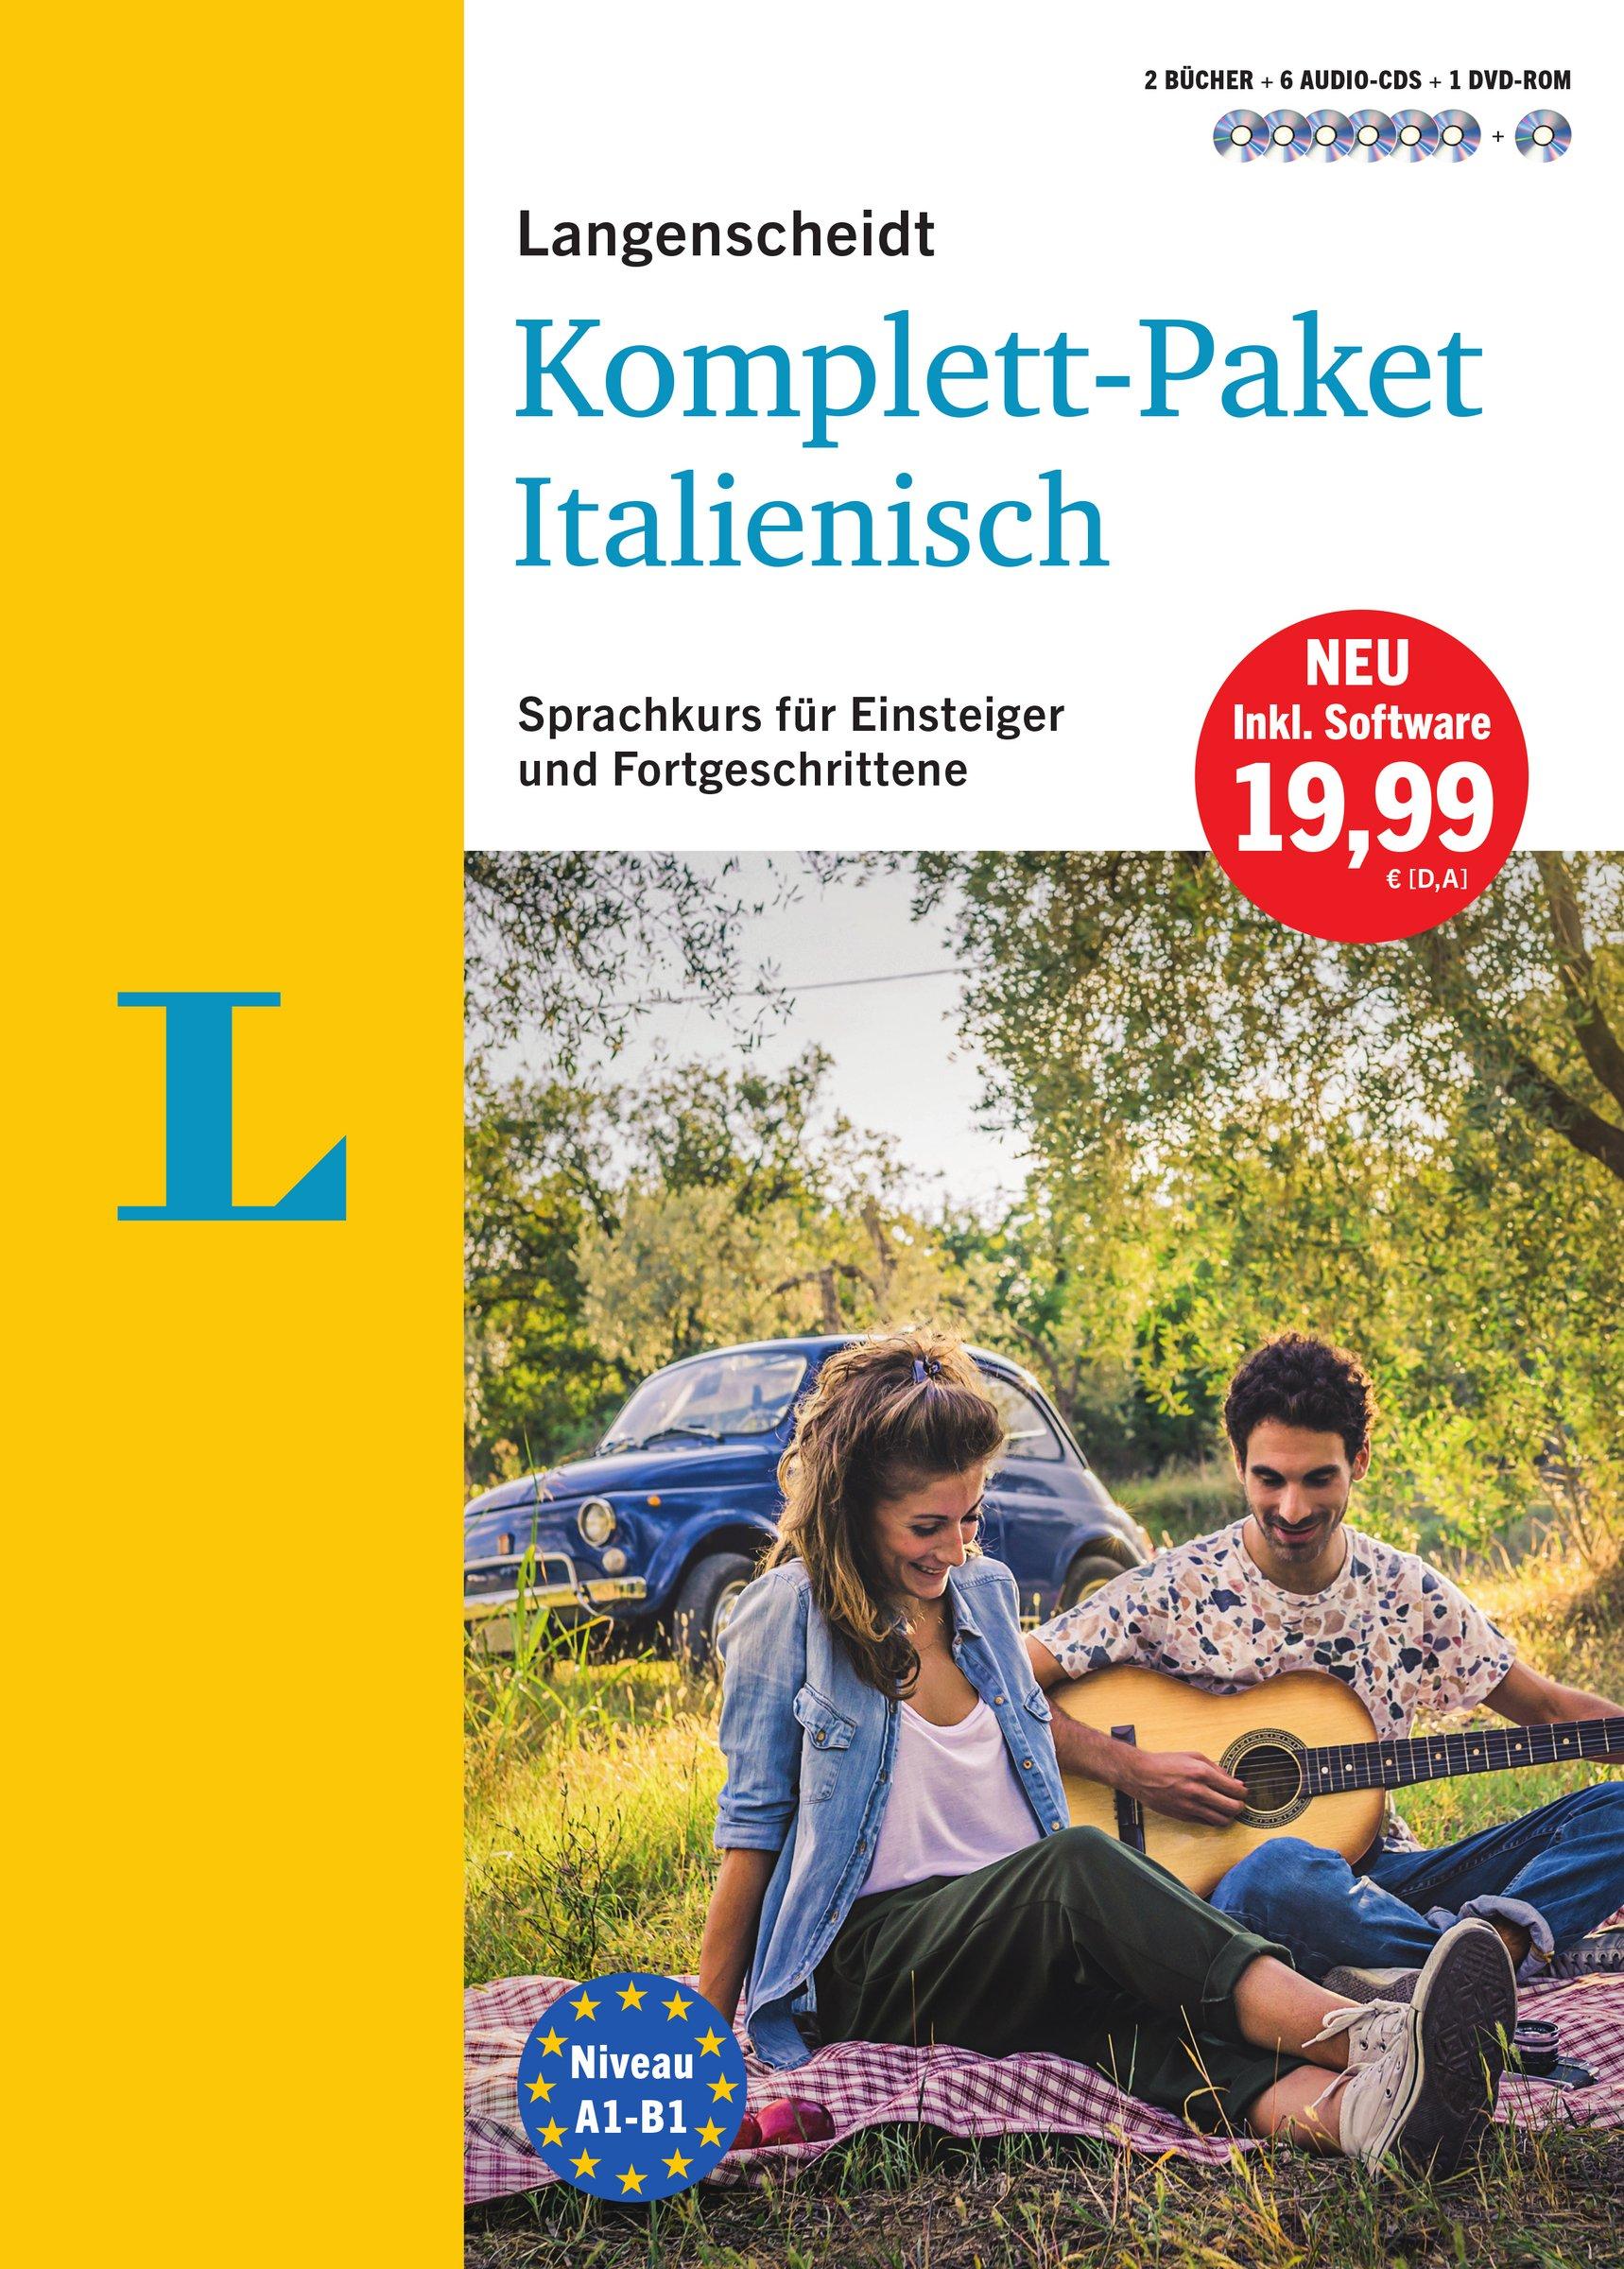 Langenscheidt Komplett-Paket Italienisch - Sprachkurs mit 2 Büchern ...